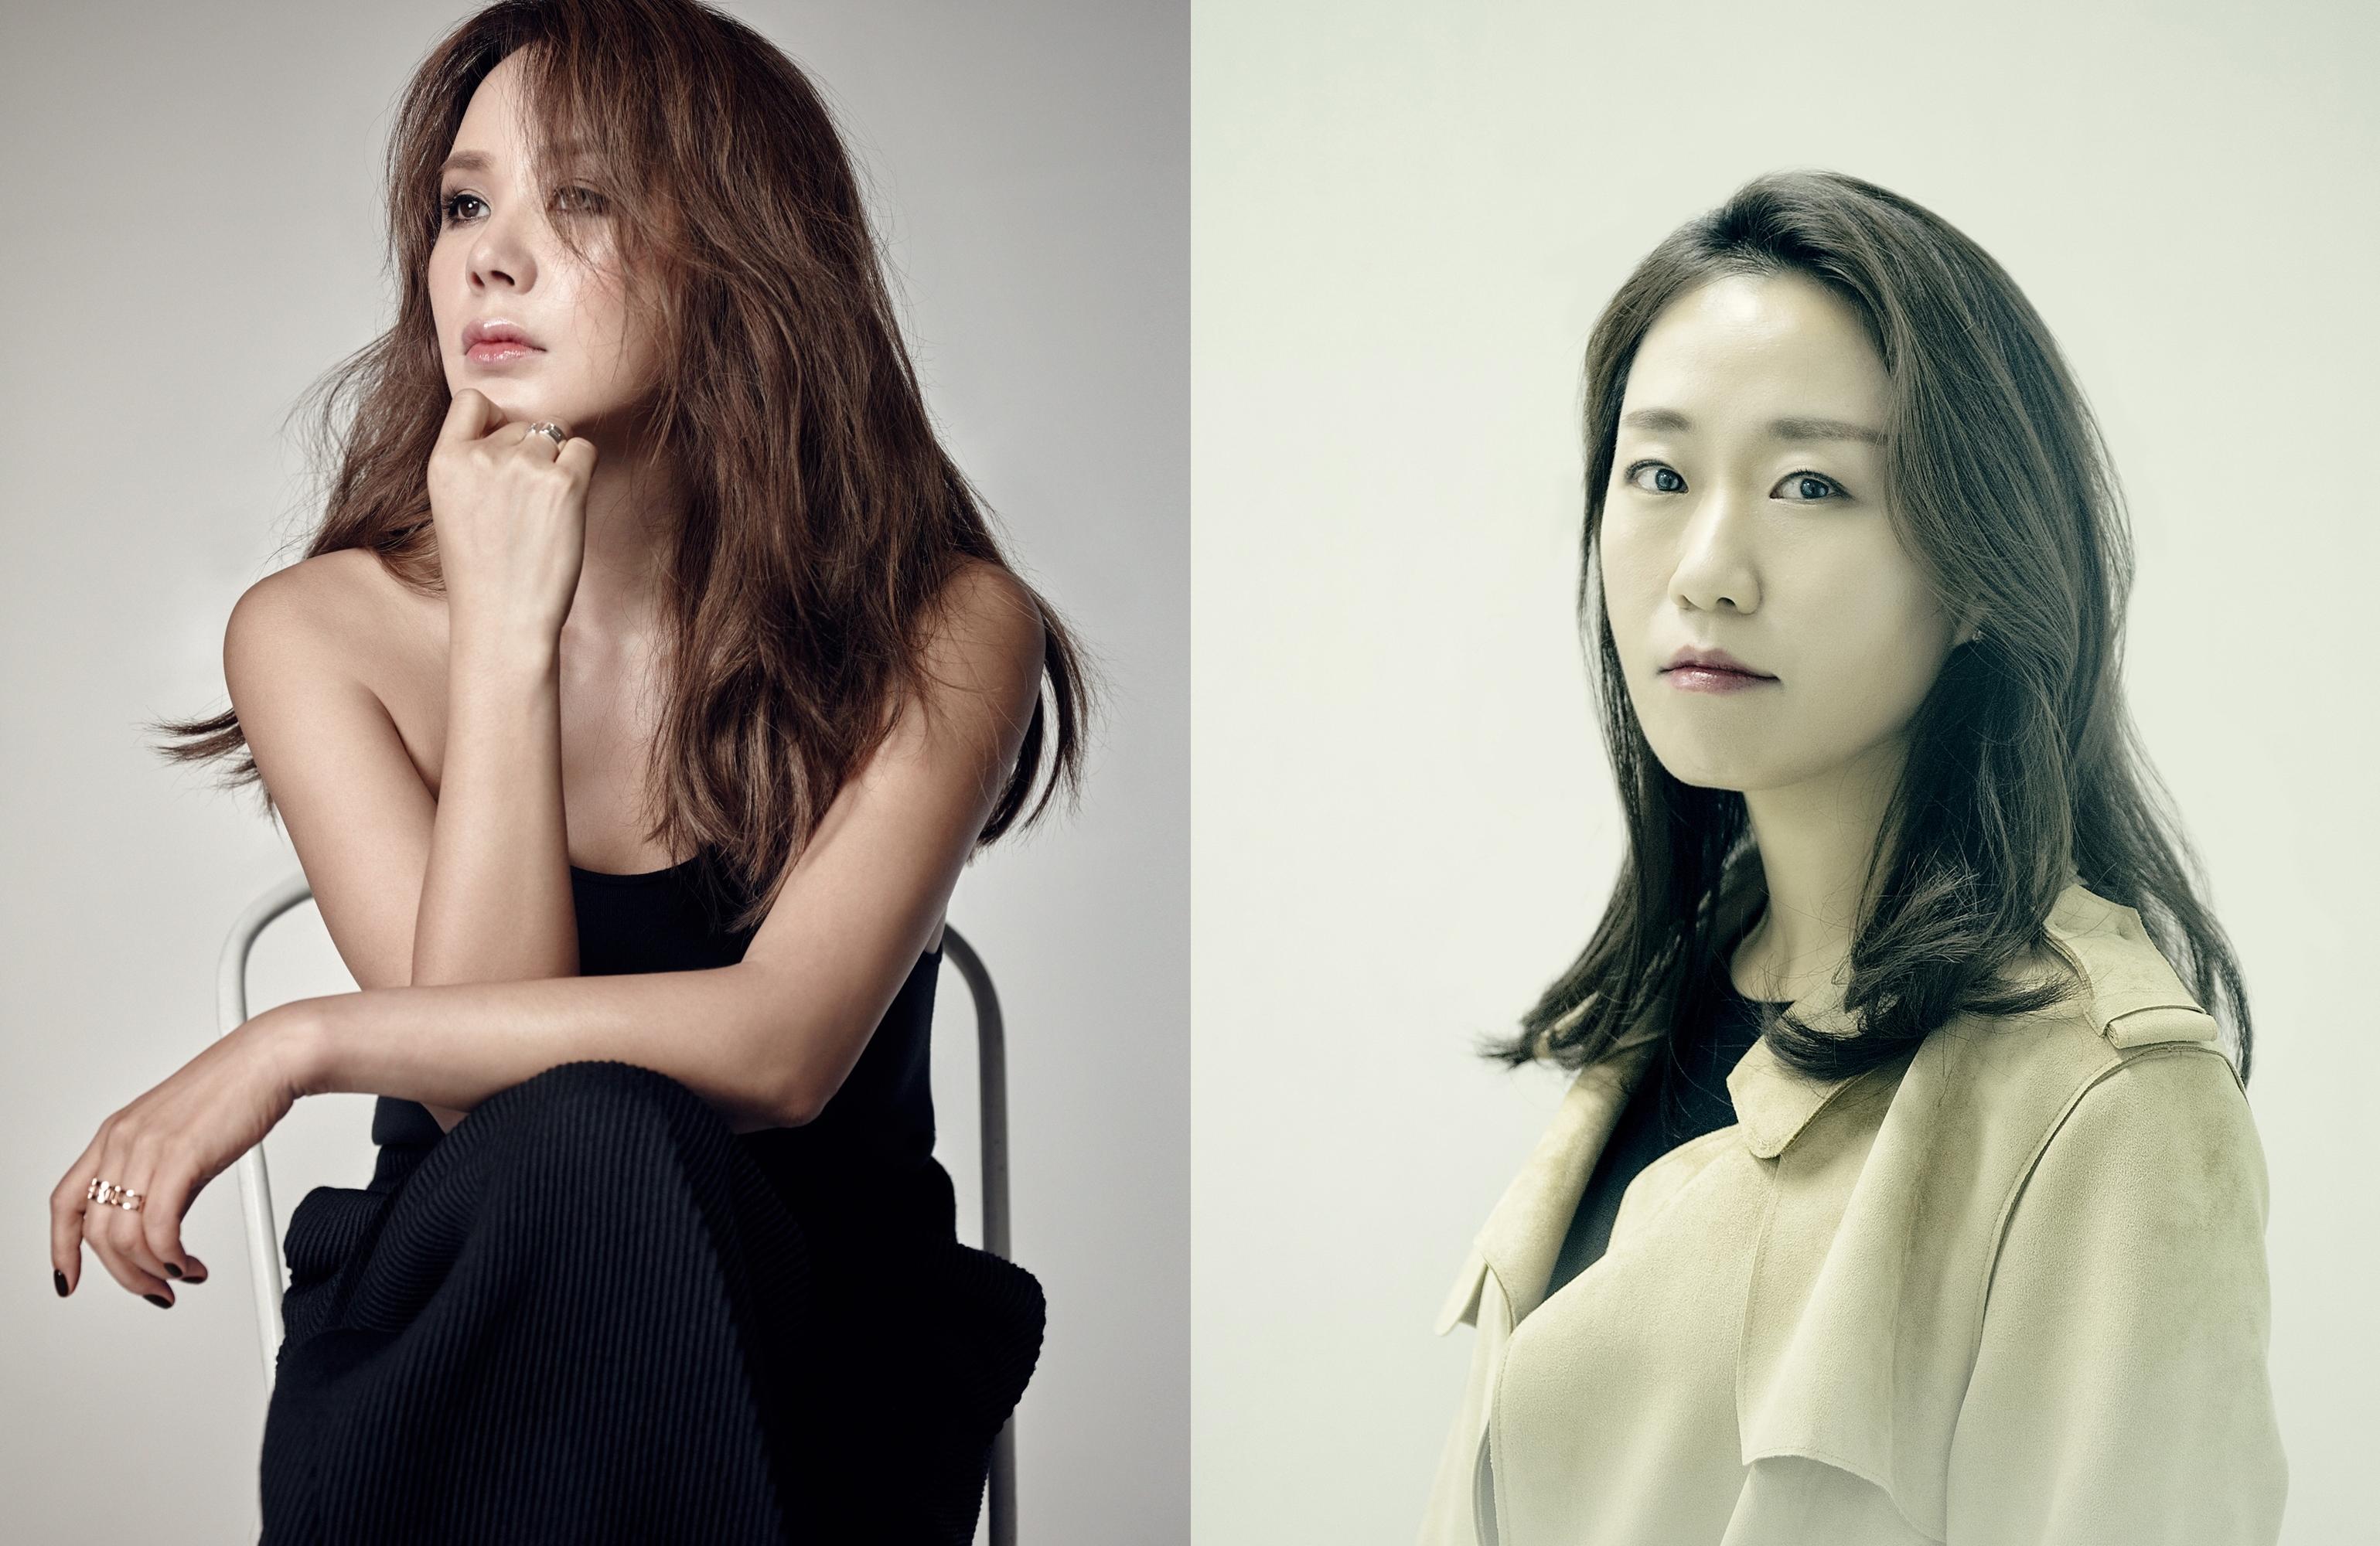 ▲(왼쪽) 배우 엄정화 (출처 바자코리아) (오른쪽) 이지원 감독